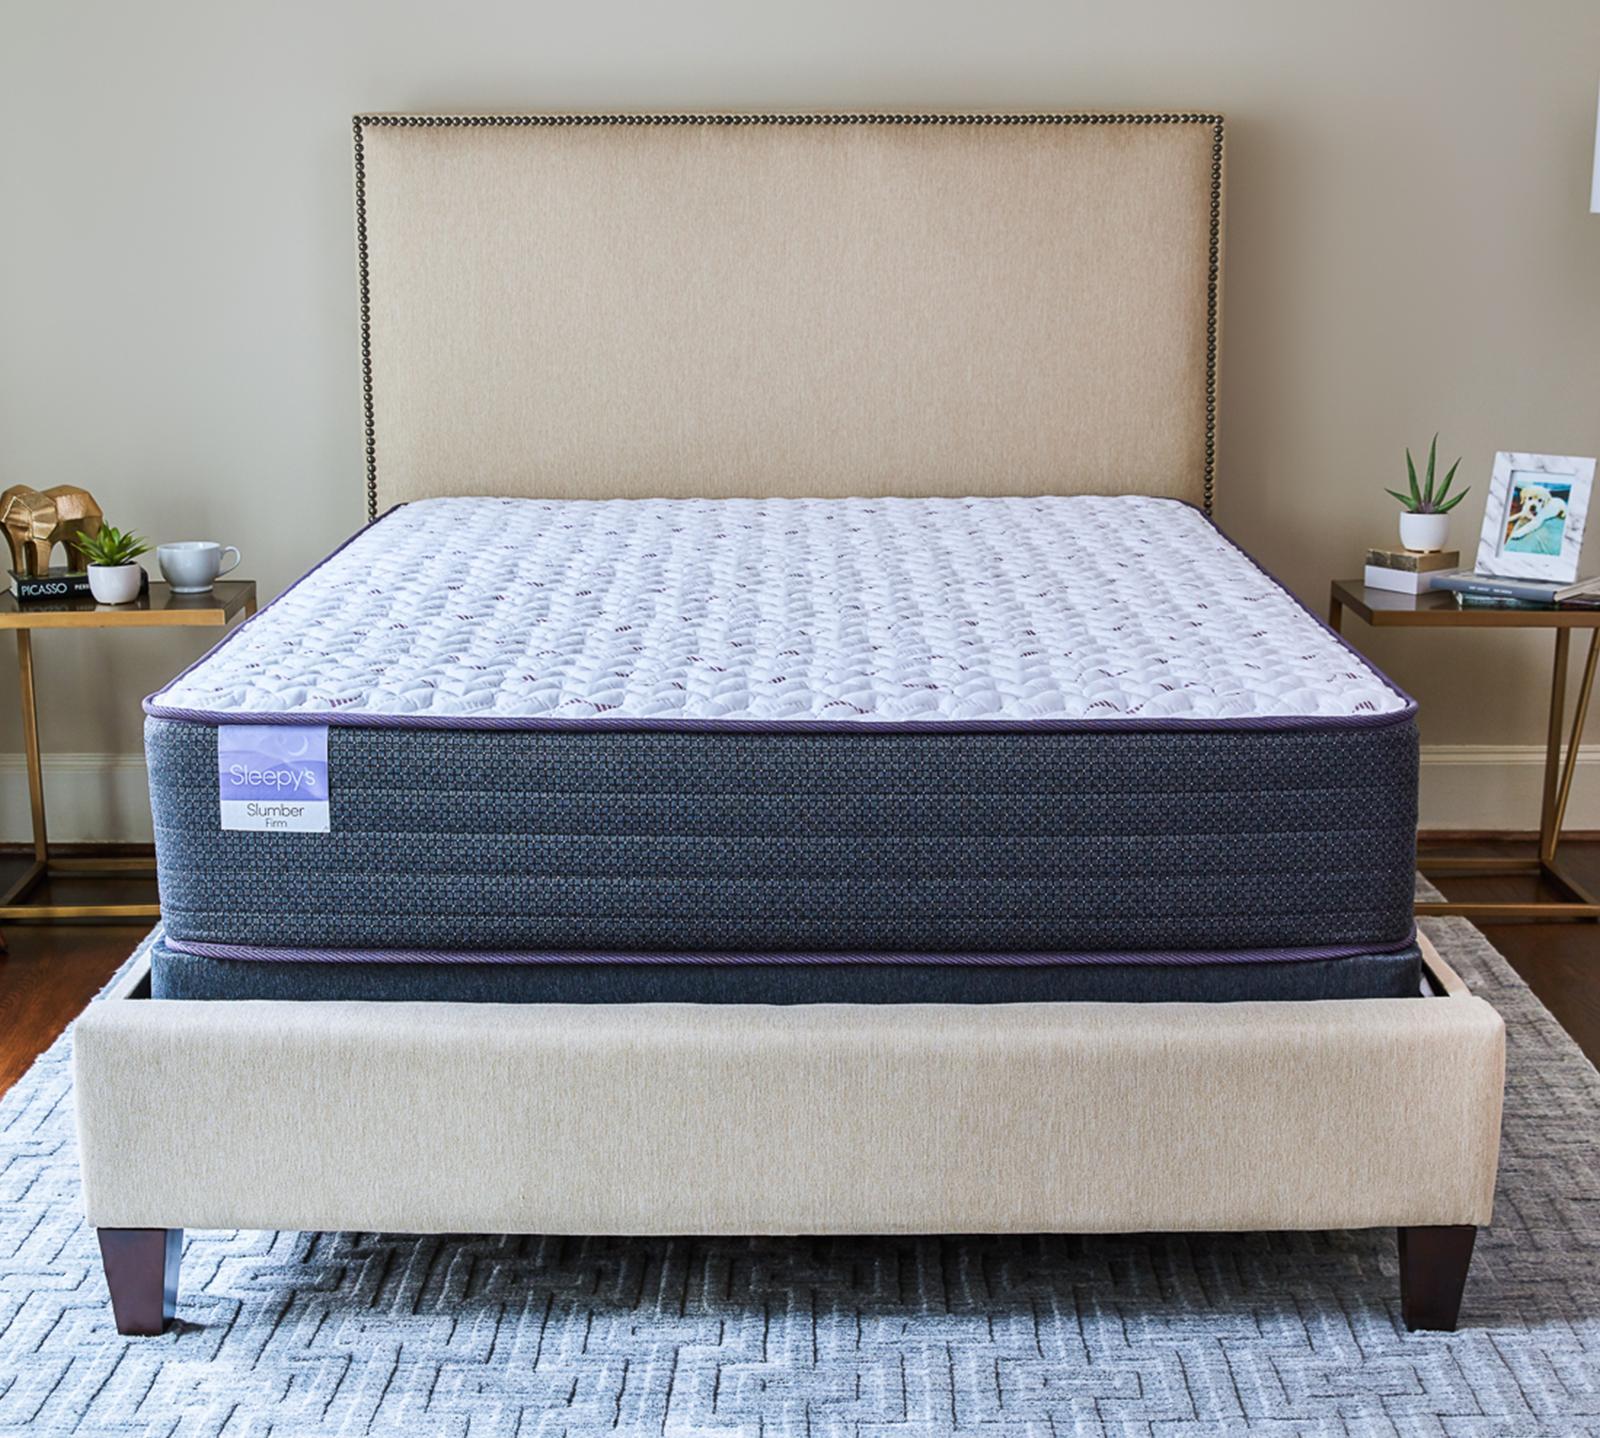 Sleepy S Slumber 12 Quot Firm Mattress Reviews Goodbed Com